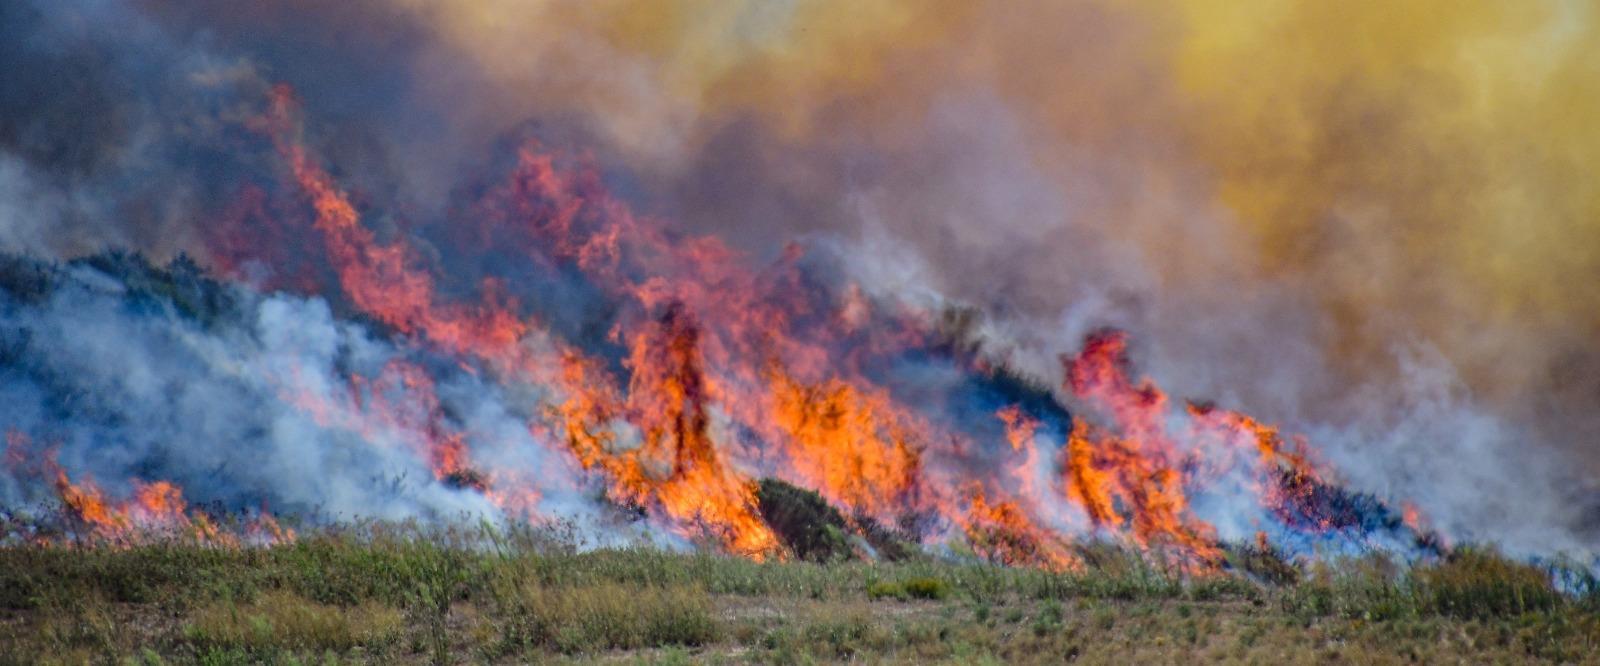 שריפה במועצה אזורית שער הנגב